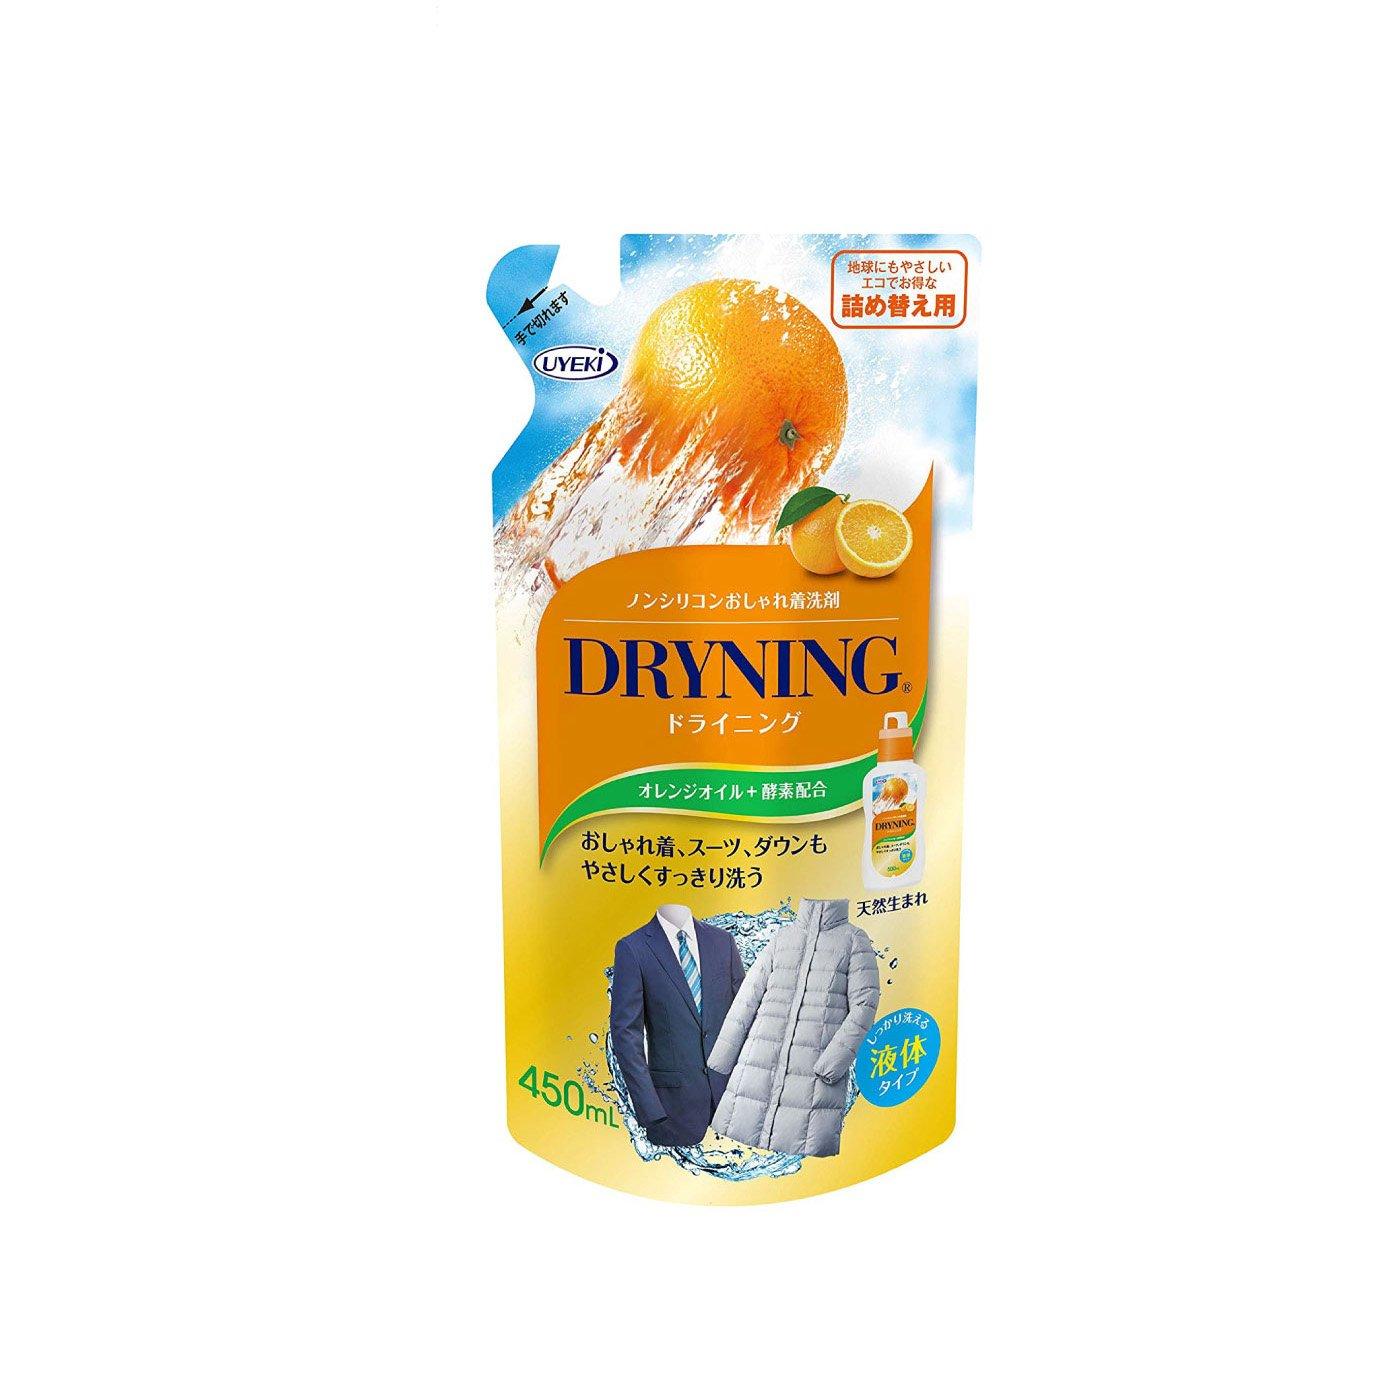 オレンジパワーで汚れを落とす ドライニング 液体タイプ詰め替え用の会